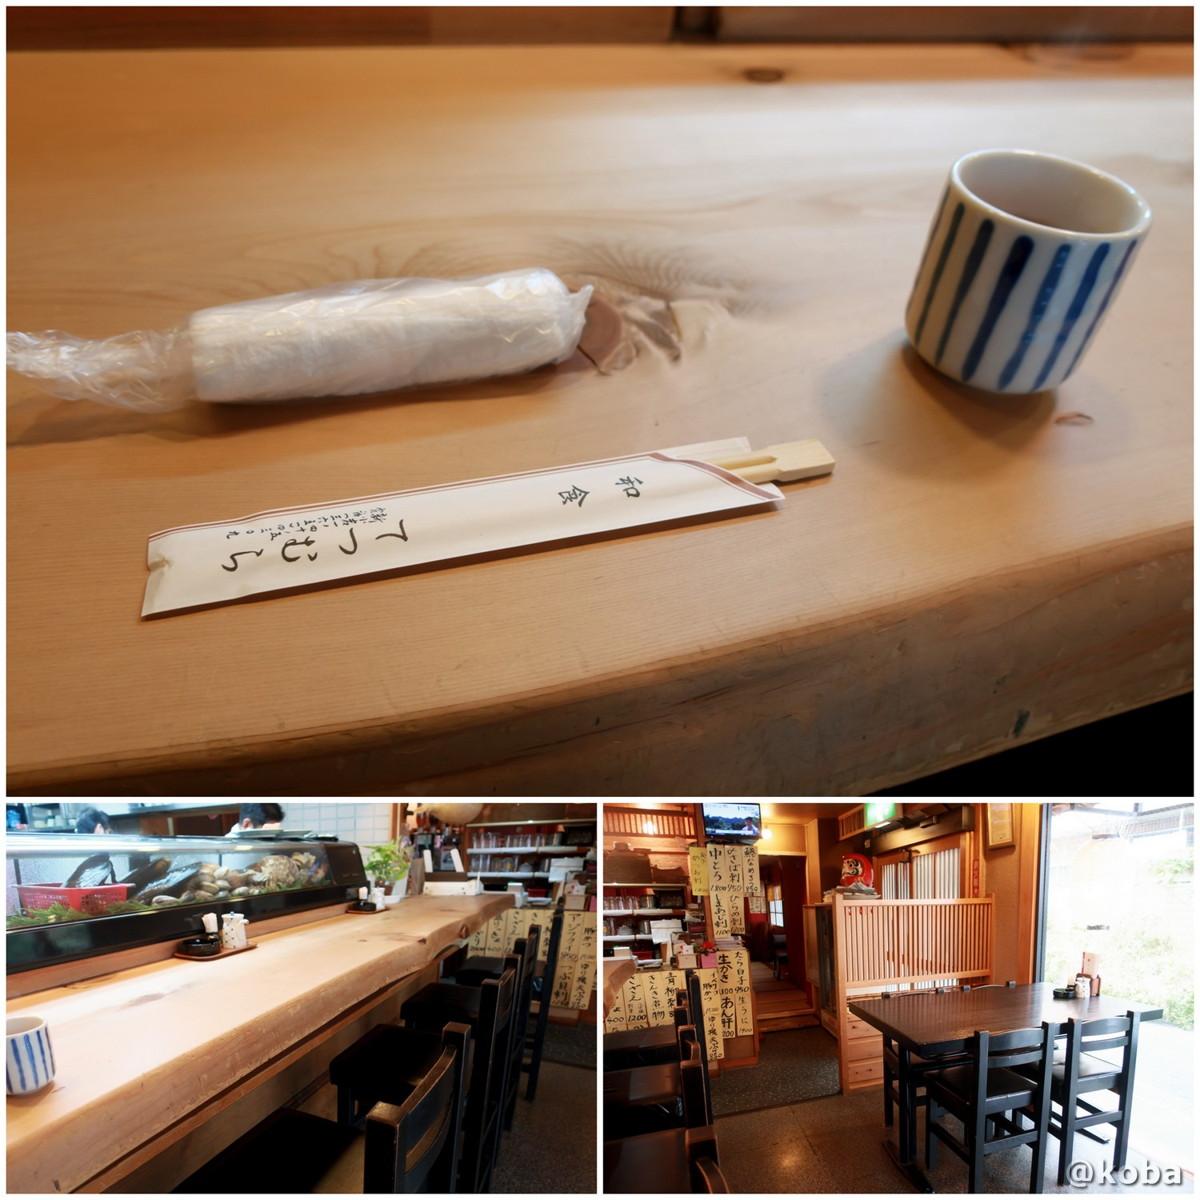 内観 カウンター席とテーブル席の写真|割烹 てつむら|和食ランチ 食事処|東京都葛飾区・新小岩